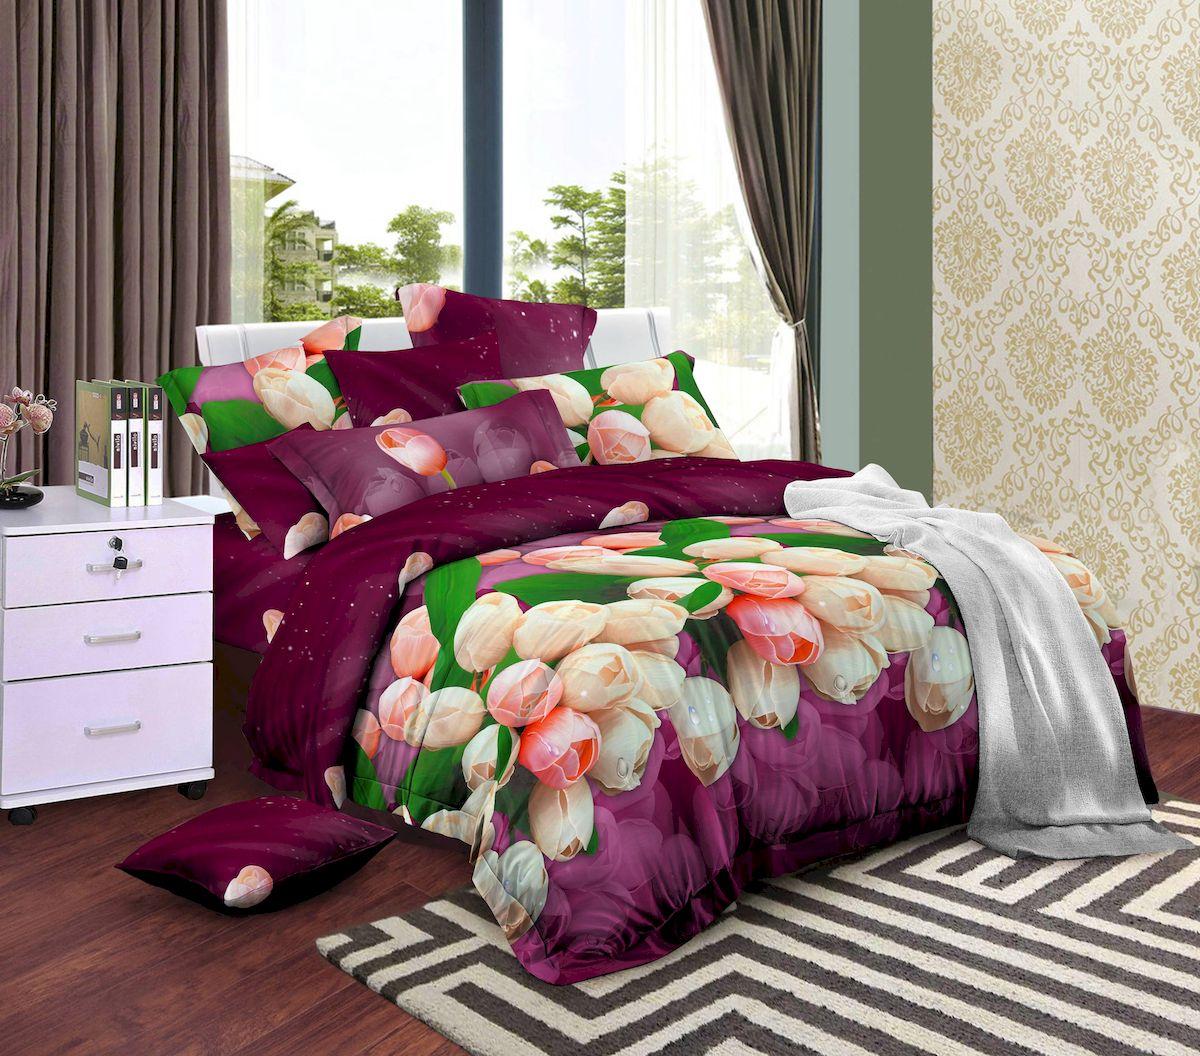 Комплект белья Amore Mio Charm, 1,5-спальный, наволочки 70х70, цвет: сиреневый79258Нежные розовые тюльпаны на насыщенном вишневом фоне! Amore Mio предлагает оценить соотношение цены и качества коллекции. Нано-инновации позволили открыть новую ткань, полученную, в результате высокотехнологического процесса, сочетает в себе широкий спектр отличных потребительских характеристик и невысокой стоимости. Легкая, плотная, мягкая ткань, приятна и практична с эффектом персиковой кожуры. Отлично стирается, гладится, быстро сохнет. Дисперсное крашение, великолепно передает качество рисунков, и необычайно устойчиво к истиранию. Процесс ворсования поверхности придает полотну дополнительную нежность шелка и дарит необычайно сладкую негу тактильных удовольствий. Разнообразие ярких и современных дизайнов прослужат не один год и всегда будут радовать Вас и Ваших близких сочностью красок и красивым рисунком. Мако-сатина - Свежее решение, для уюта на даче или дома, созданное с любовью!